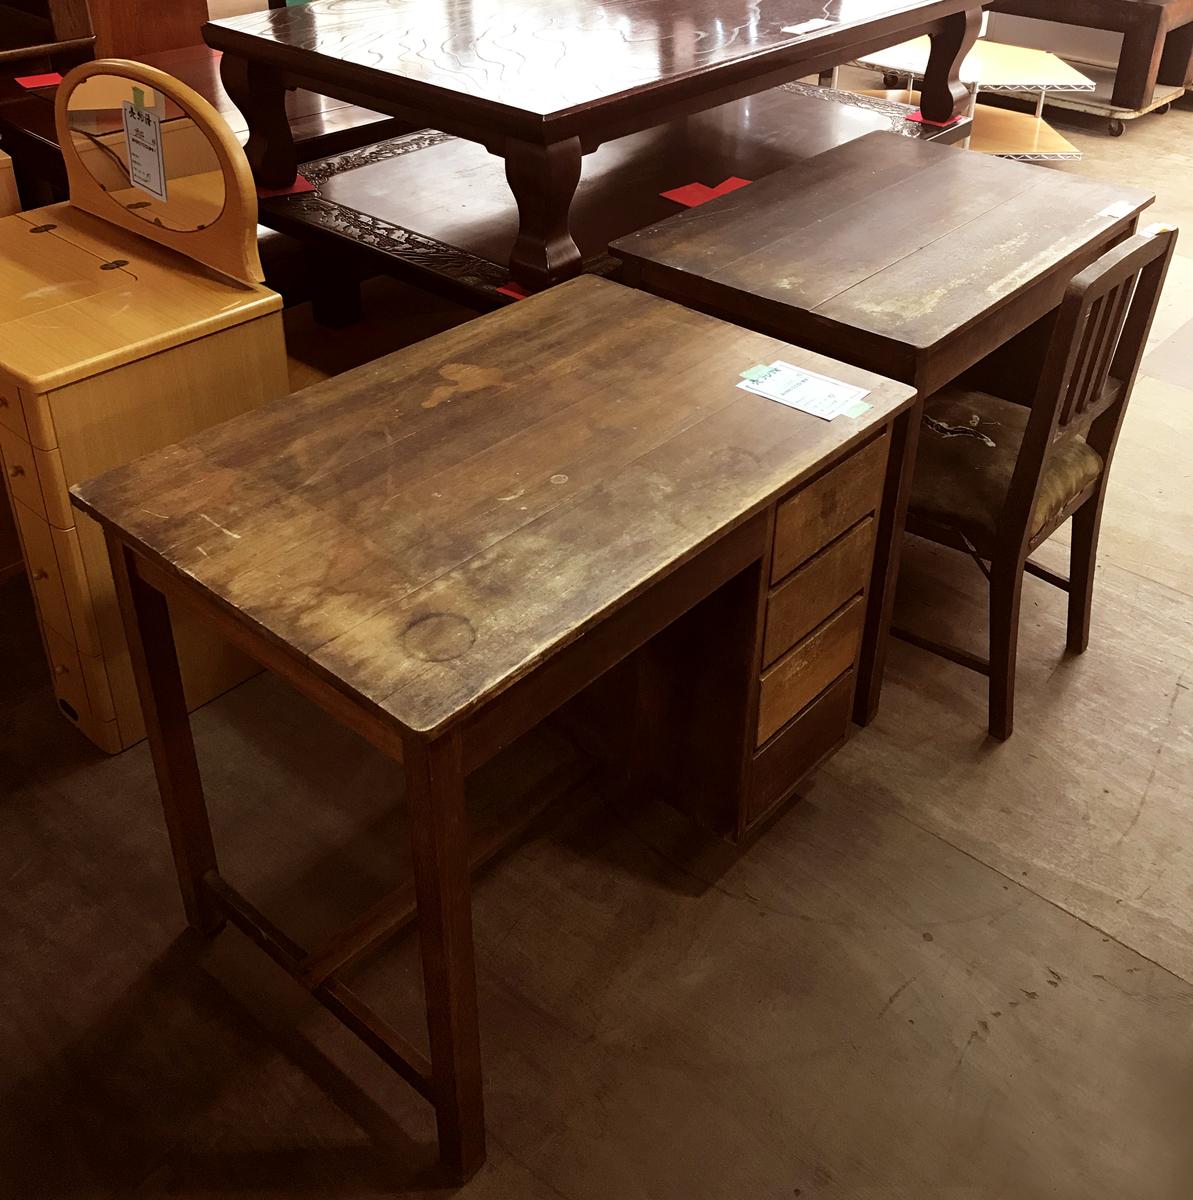 リサイクルショップ店内で見つけた古道具の机